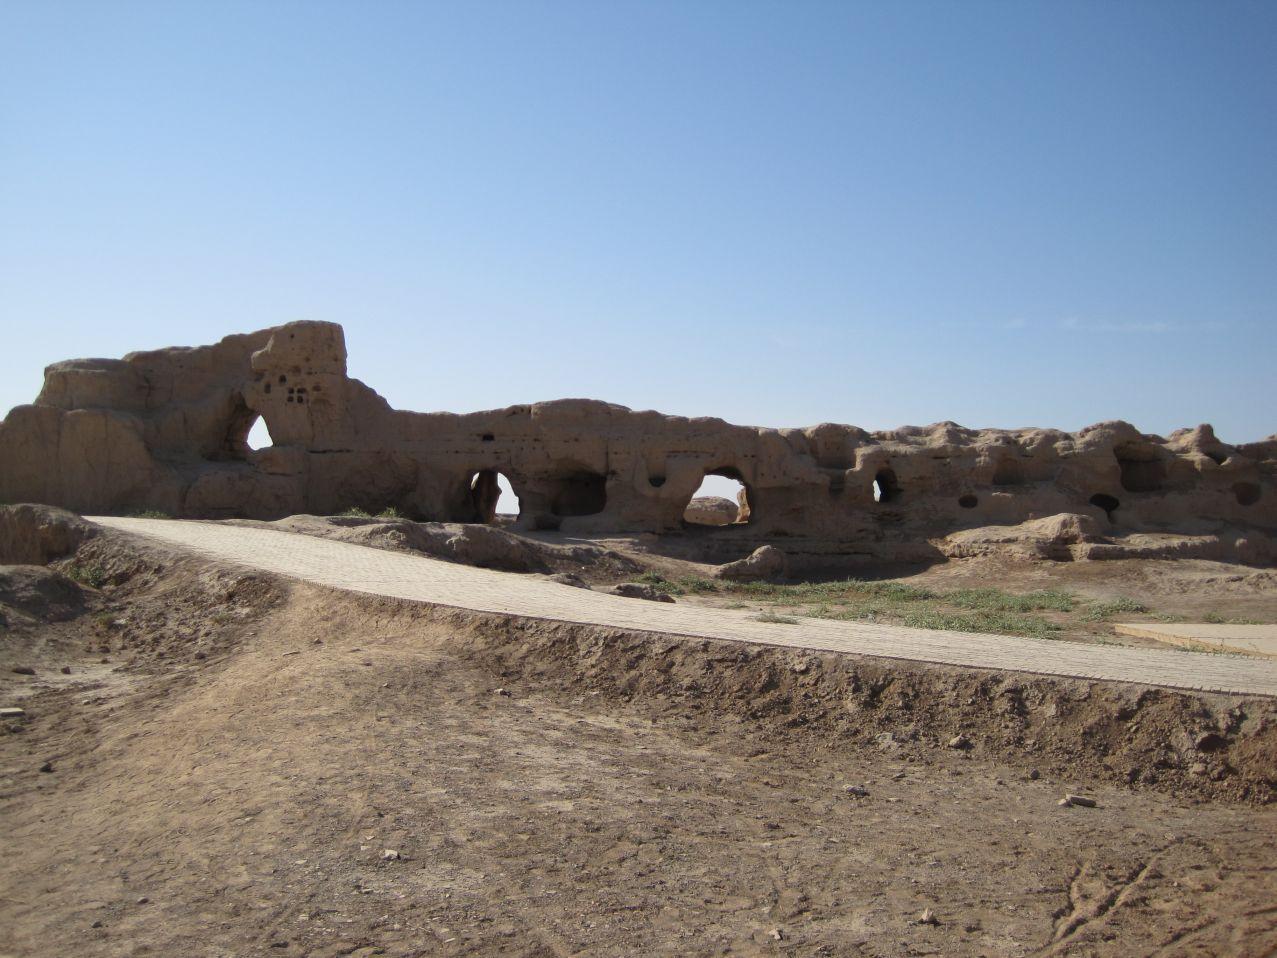 Gaochang Ruins (chinesisch 高昌, uigurisch Qara-hoja (قئارئاهوجئا)) in the Xinjiang Uyghur Autonomous Region, 30 km from Turpan (Turfan), China